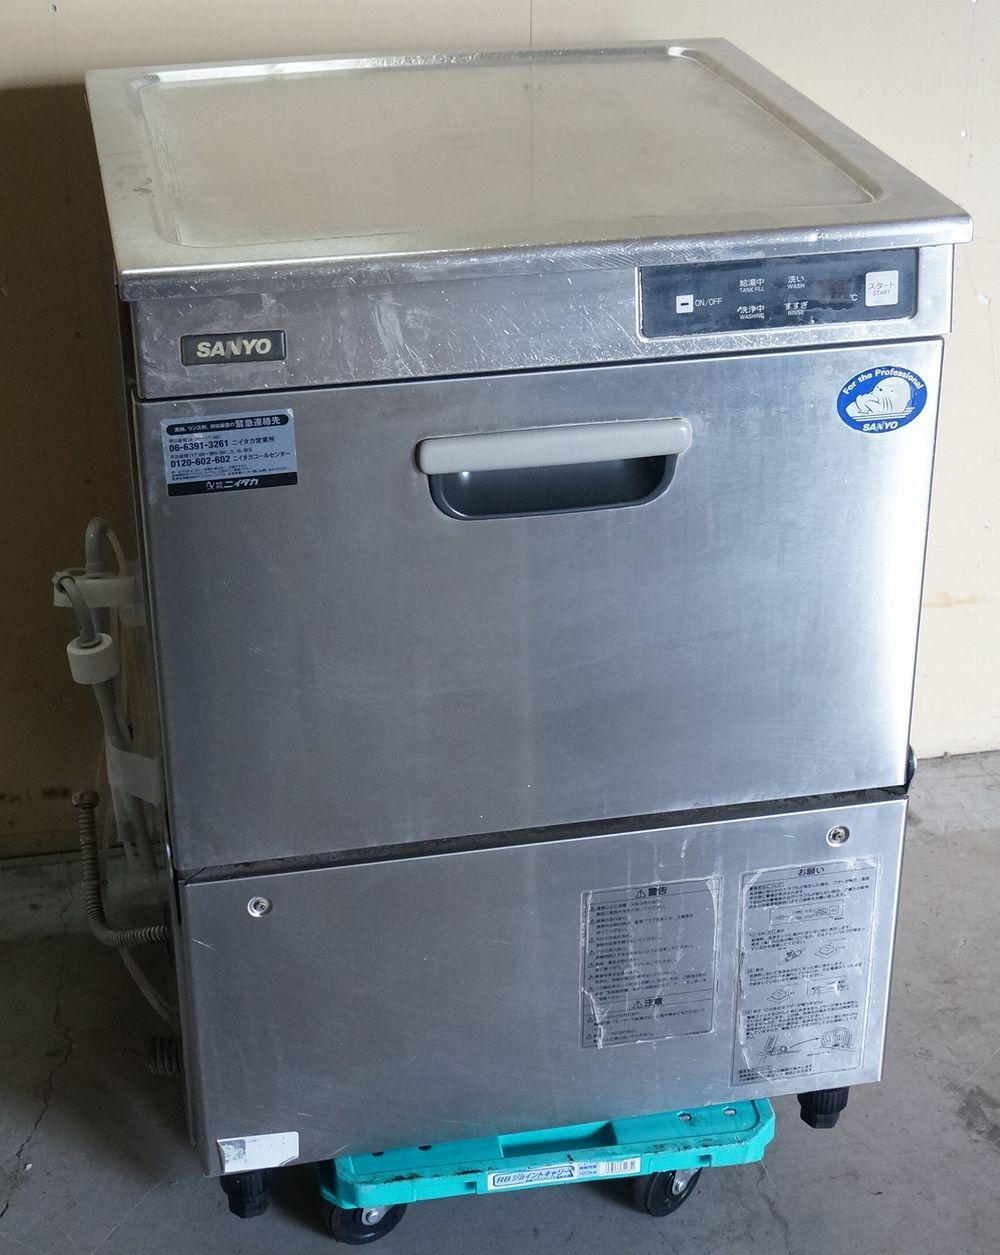 SANYO 業務用食器洗浄機 DW-UD42U3